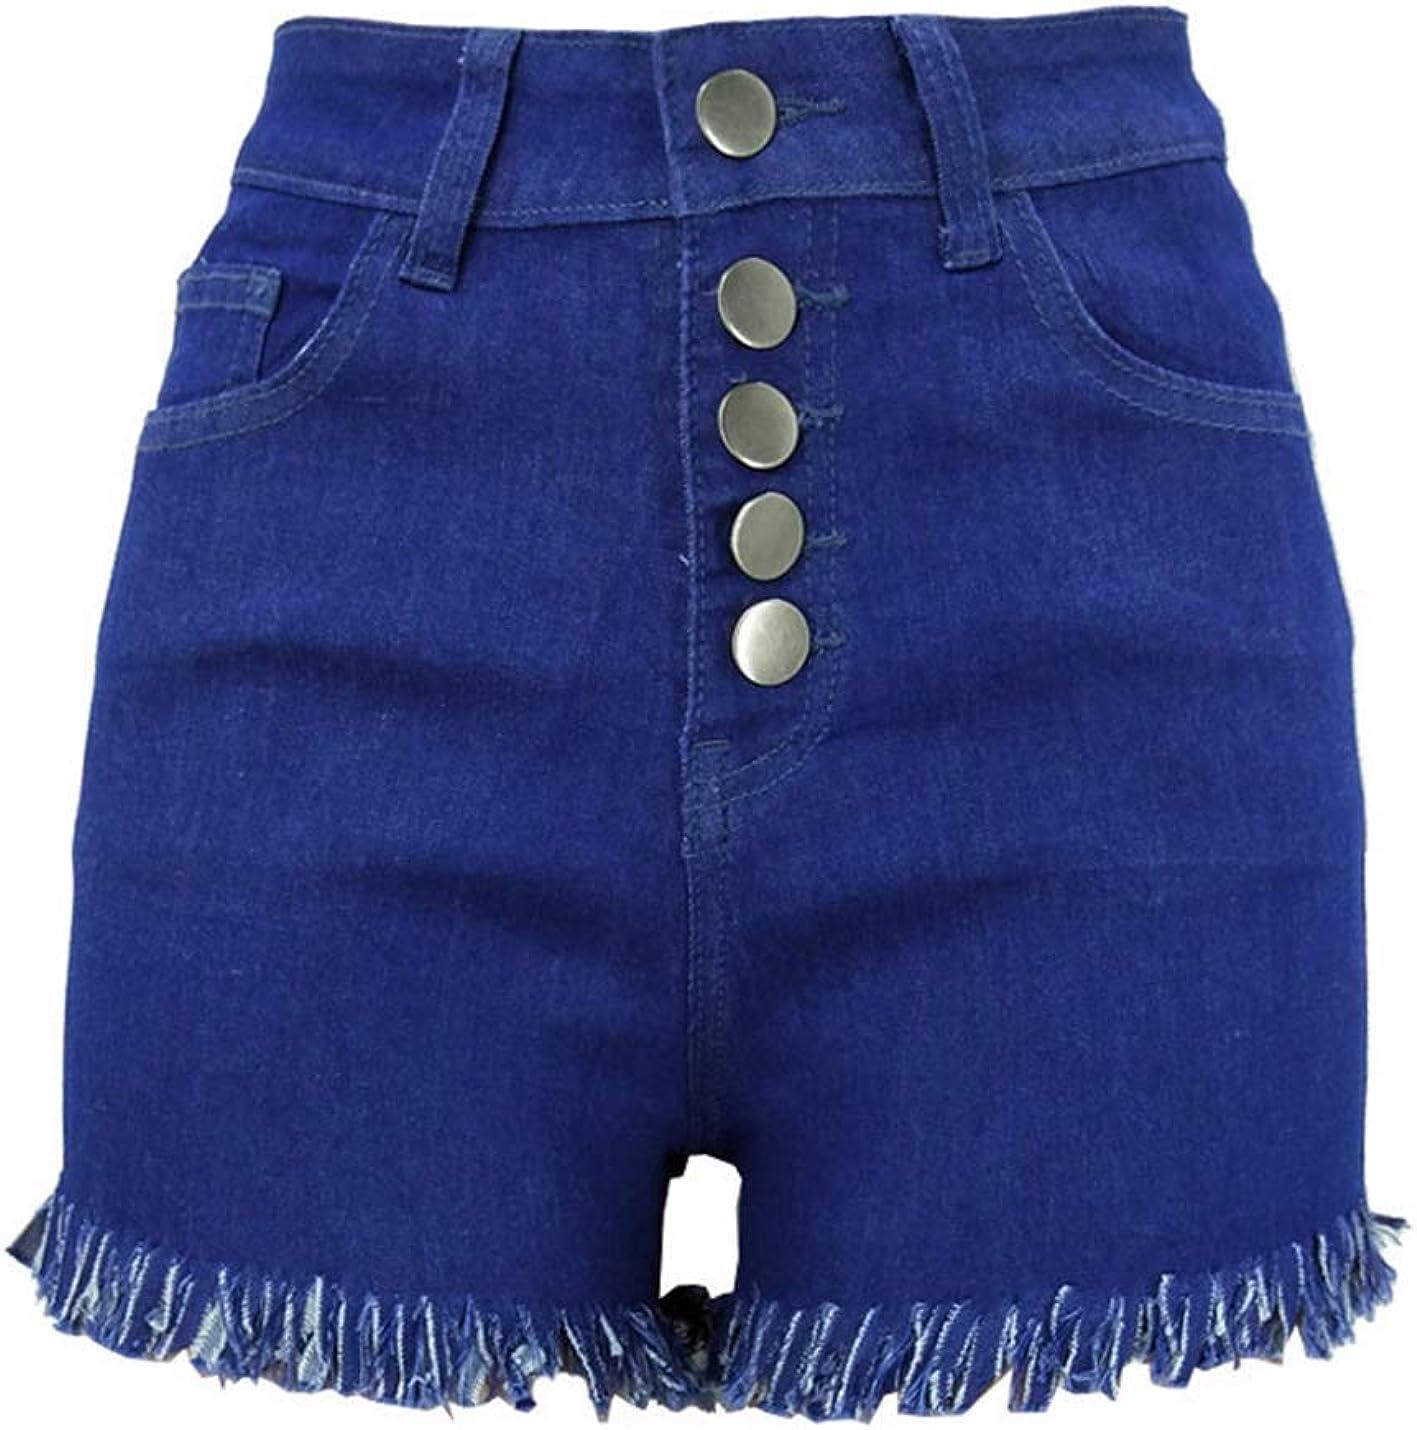 PAODIKUAI Women Sretchy High Waist Jeans Shorts Fringe Hem Denim Shorts